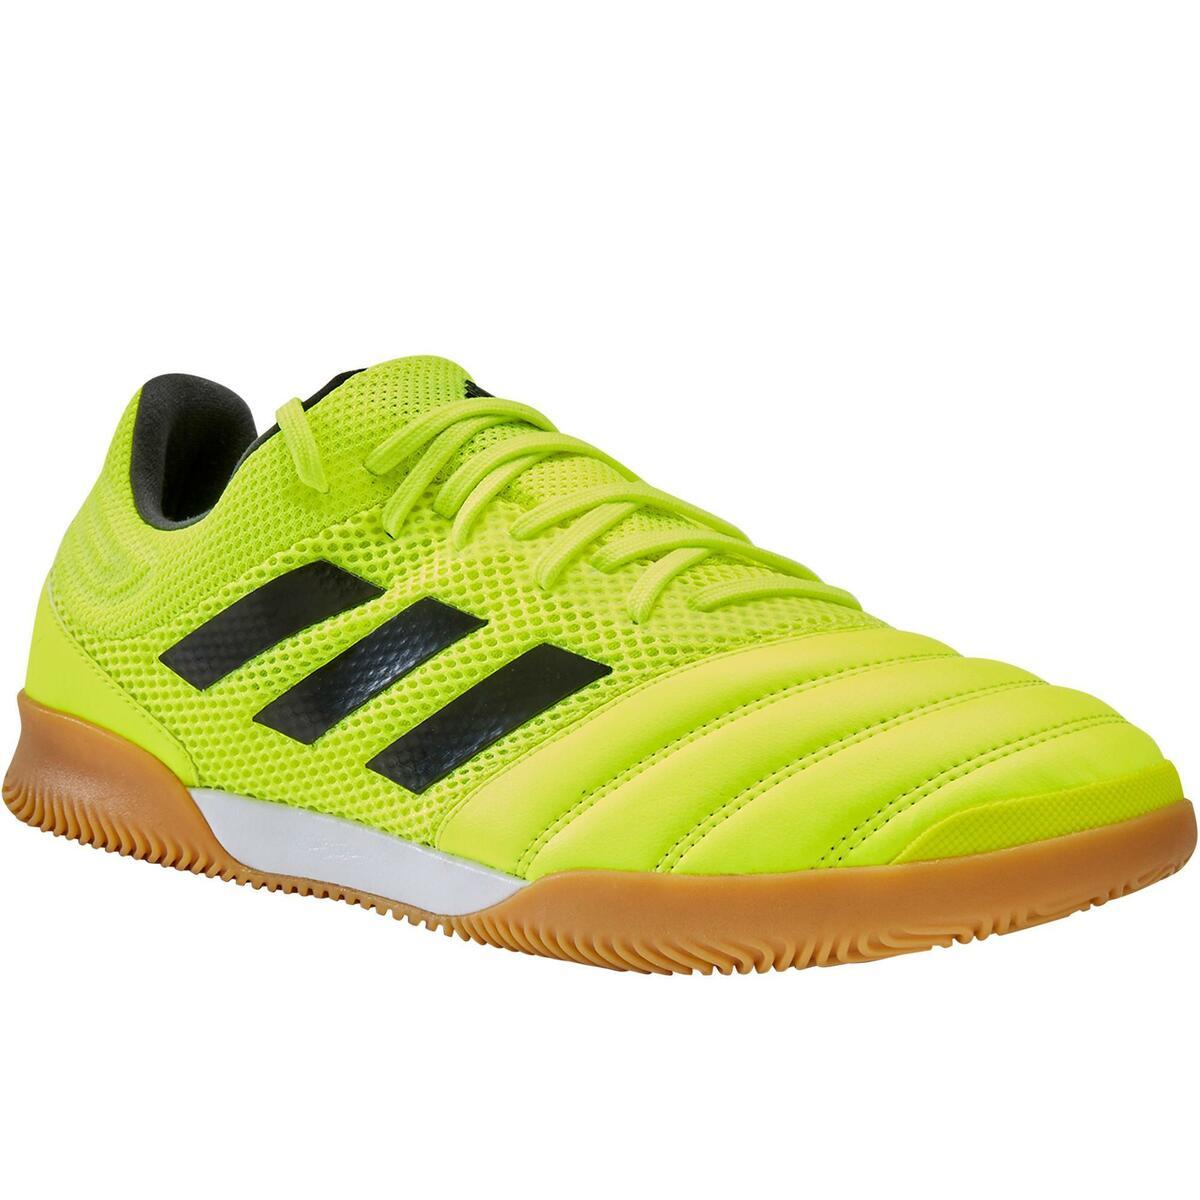 Bild 1 von Hallenschuhe Futsal Fußball Copa Erwachsene gelb/schwarz